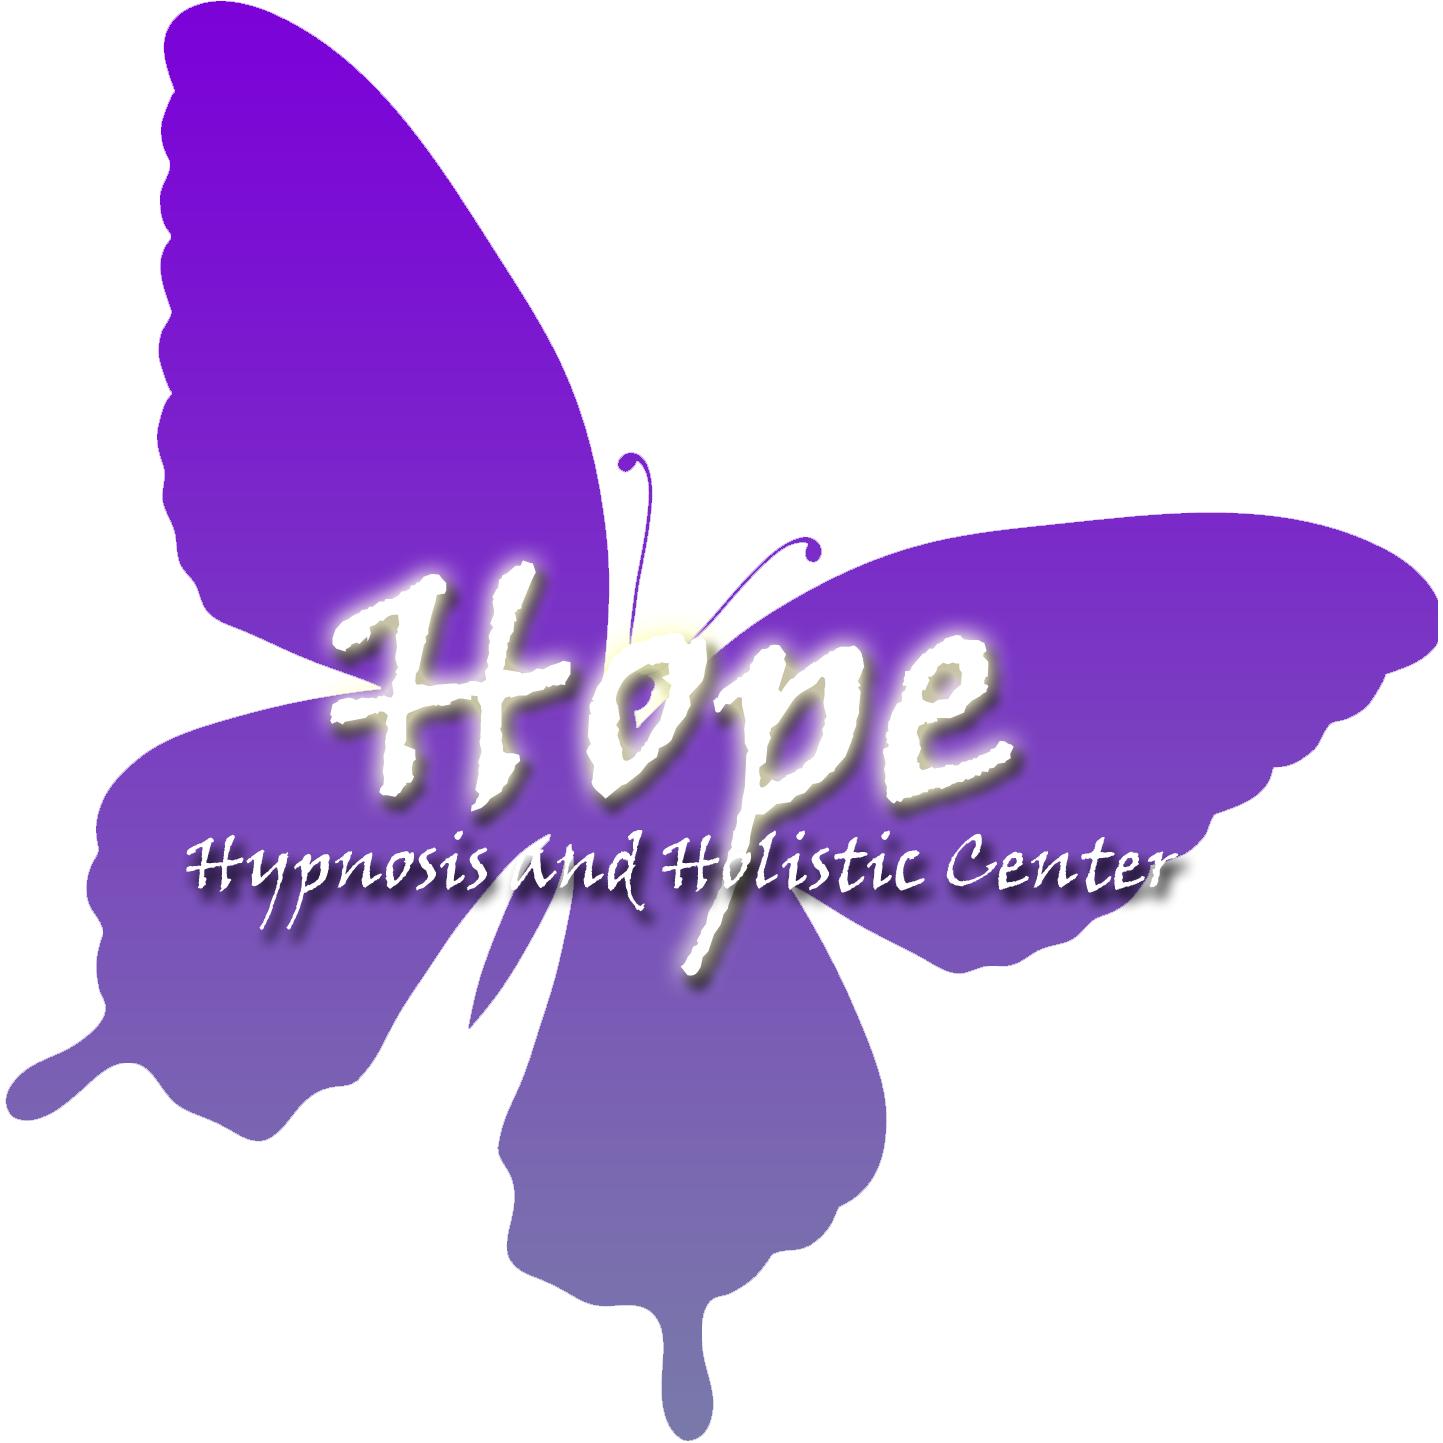 Hope Hypnosis & Holistic Center